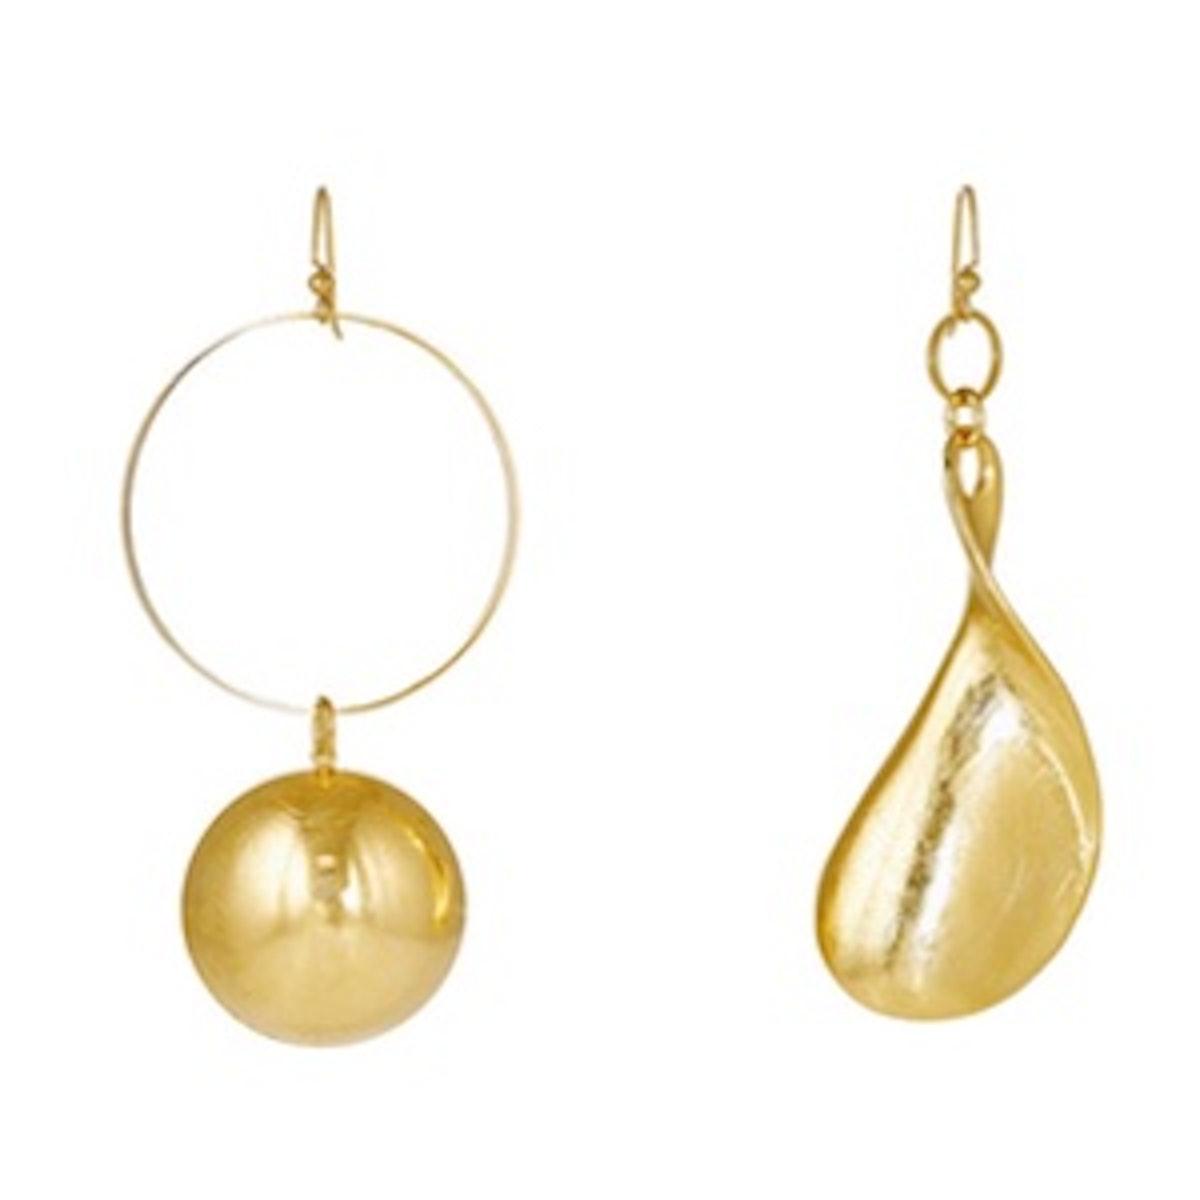 Lunar Asymmetric Earrings